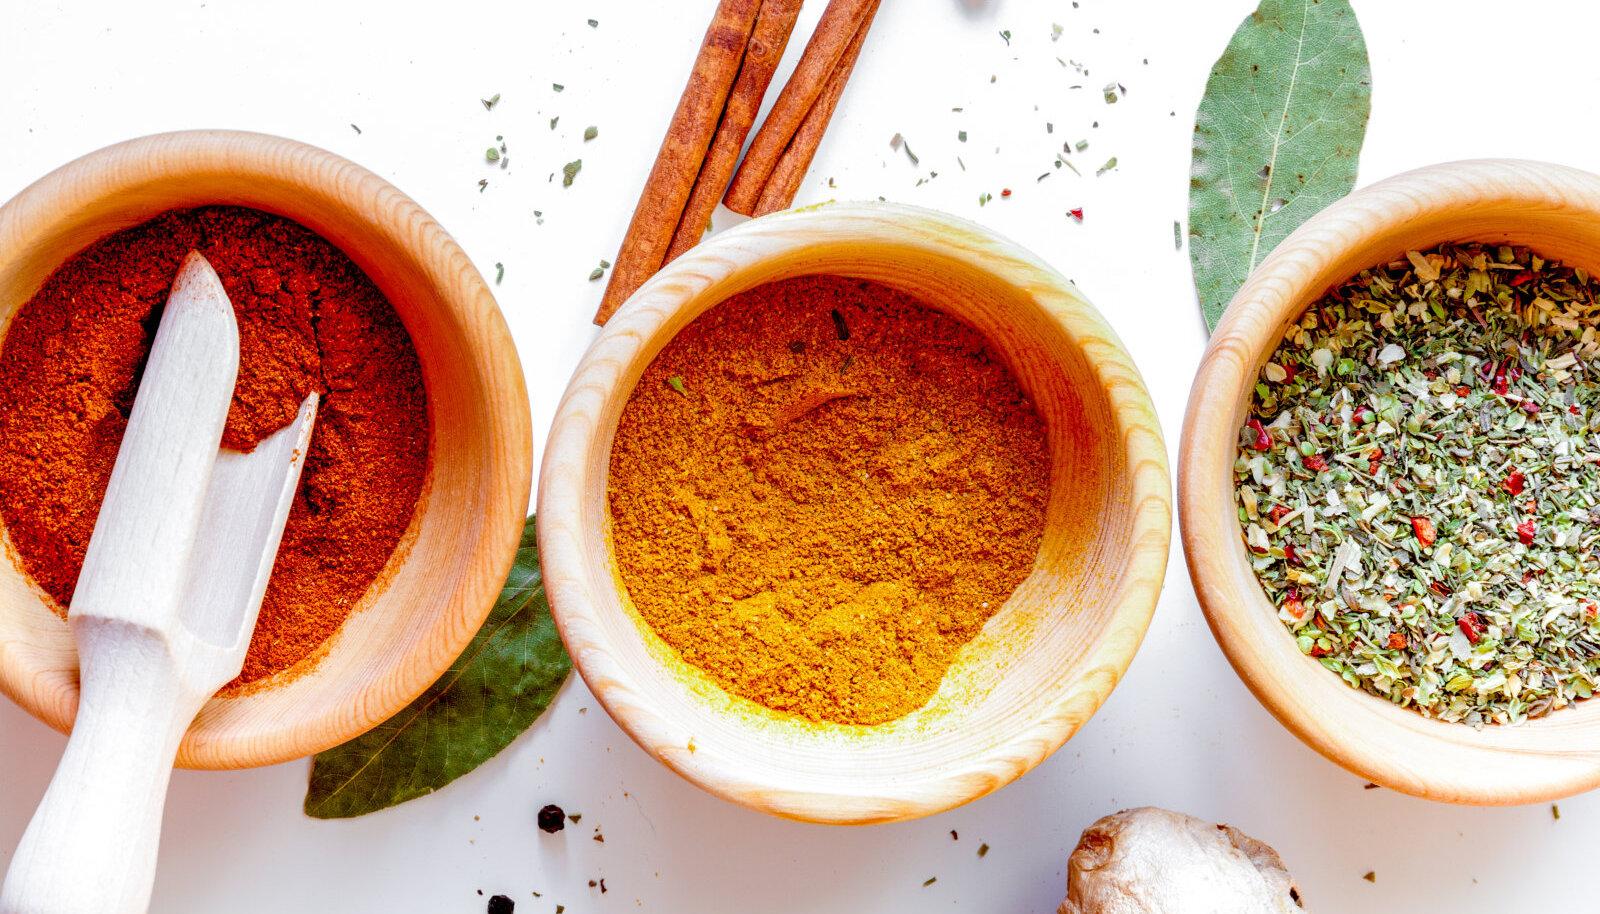 Vürtsid ja maitseained loovad toidule näo, annavad ilme ja iseloomu. Aga, kas me tunneme neid maitseaineid?